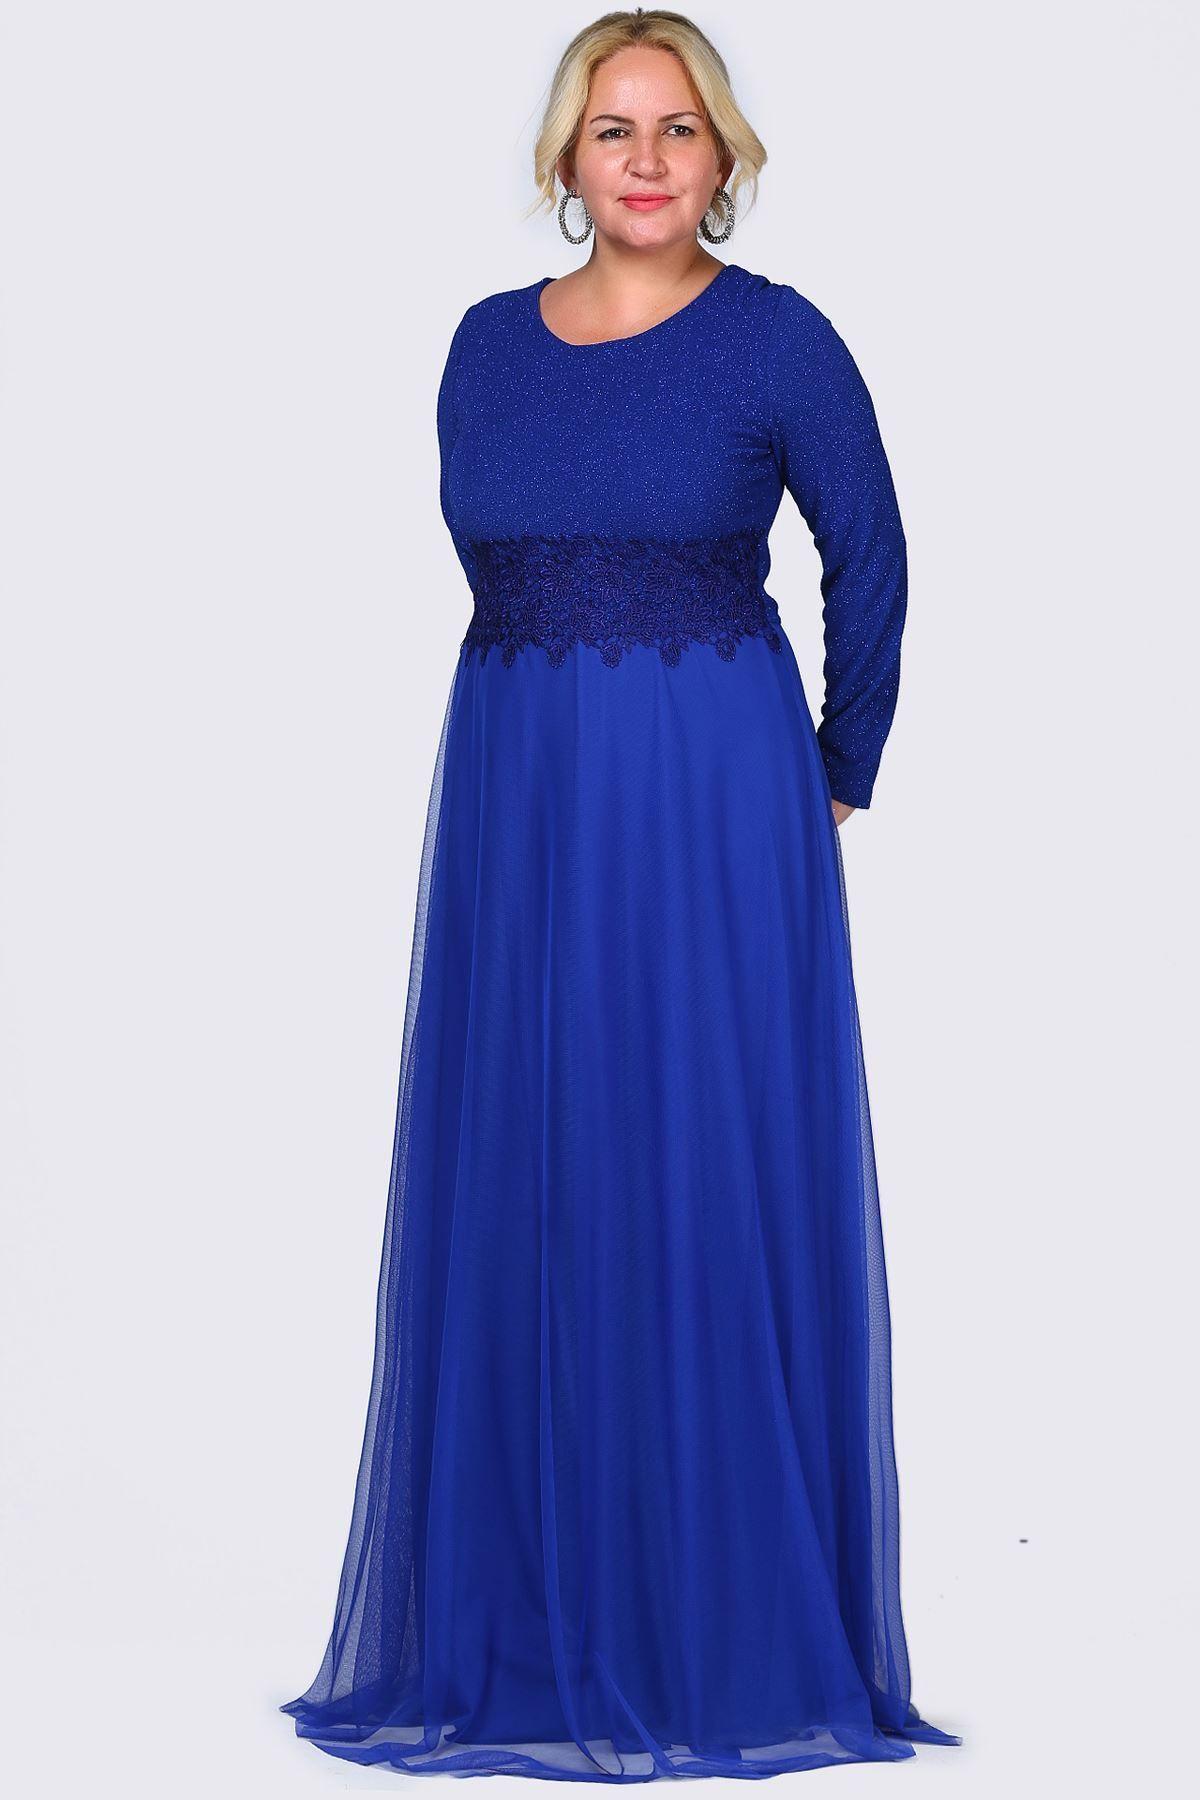 En Sik Patirti Com Tesettur Abiye Elbise Modelleri Www Tesetturelbis Tesettur Modasi 2020 Dresses With Sleeves Dresses Long Sleeve Dress